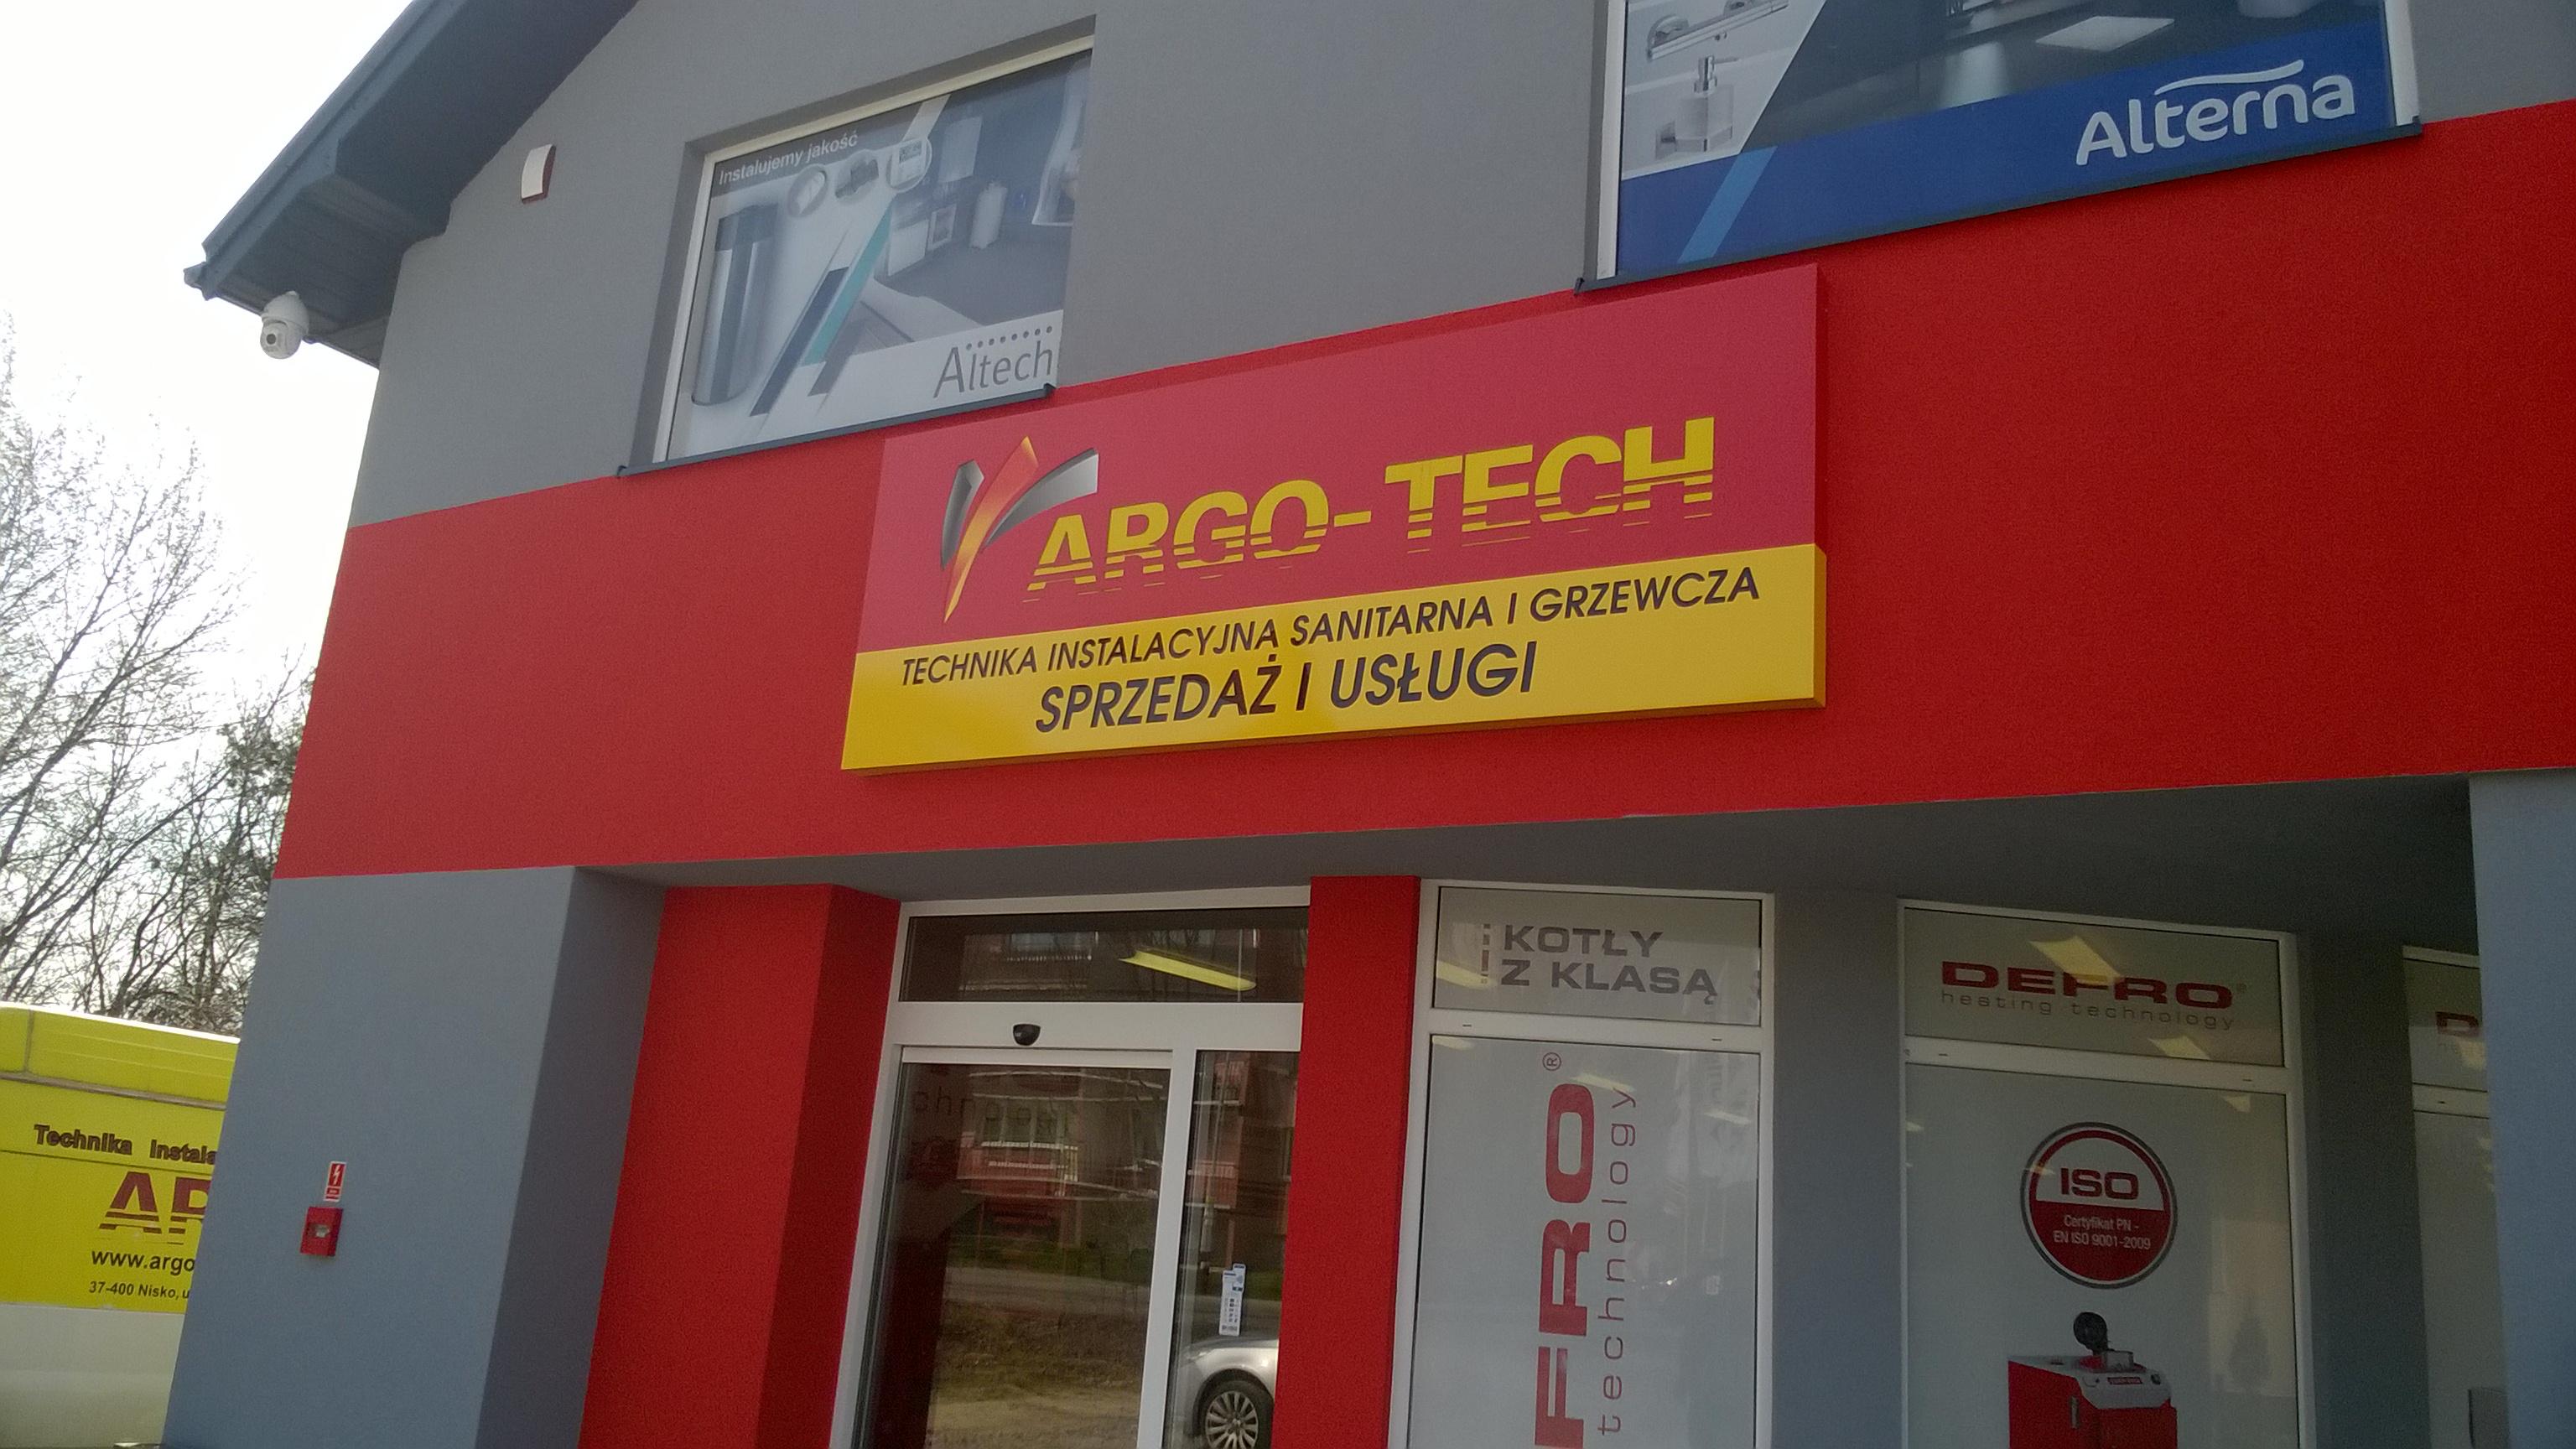 Monitoring sklepu ARGOTECH monitoring biłgoraj monitoring nisko monitoring janów lubelski monitoring kraśnik